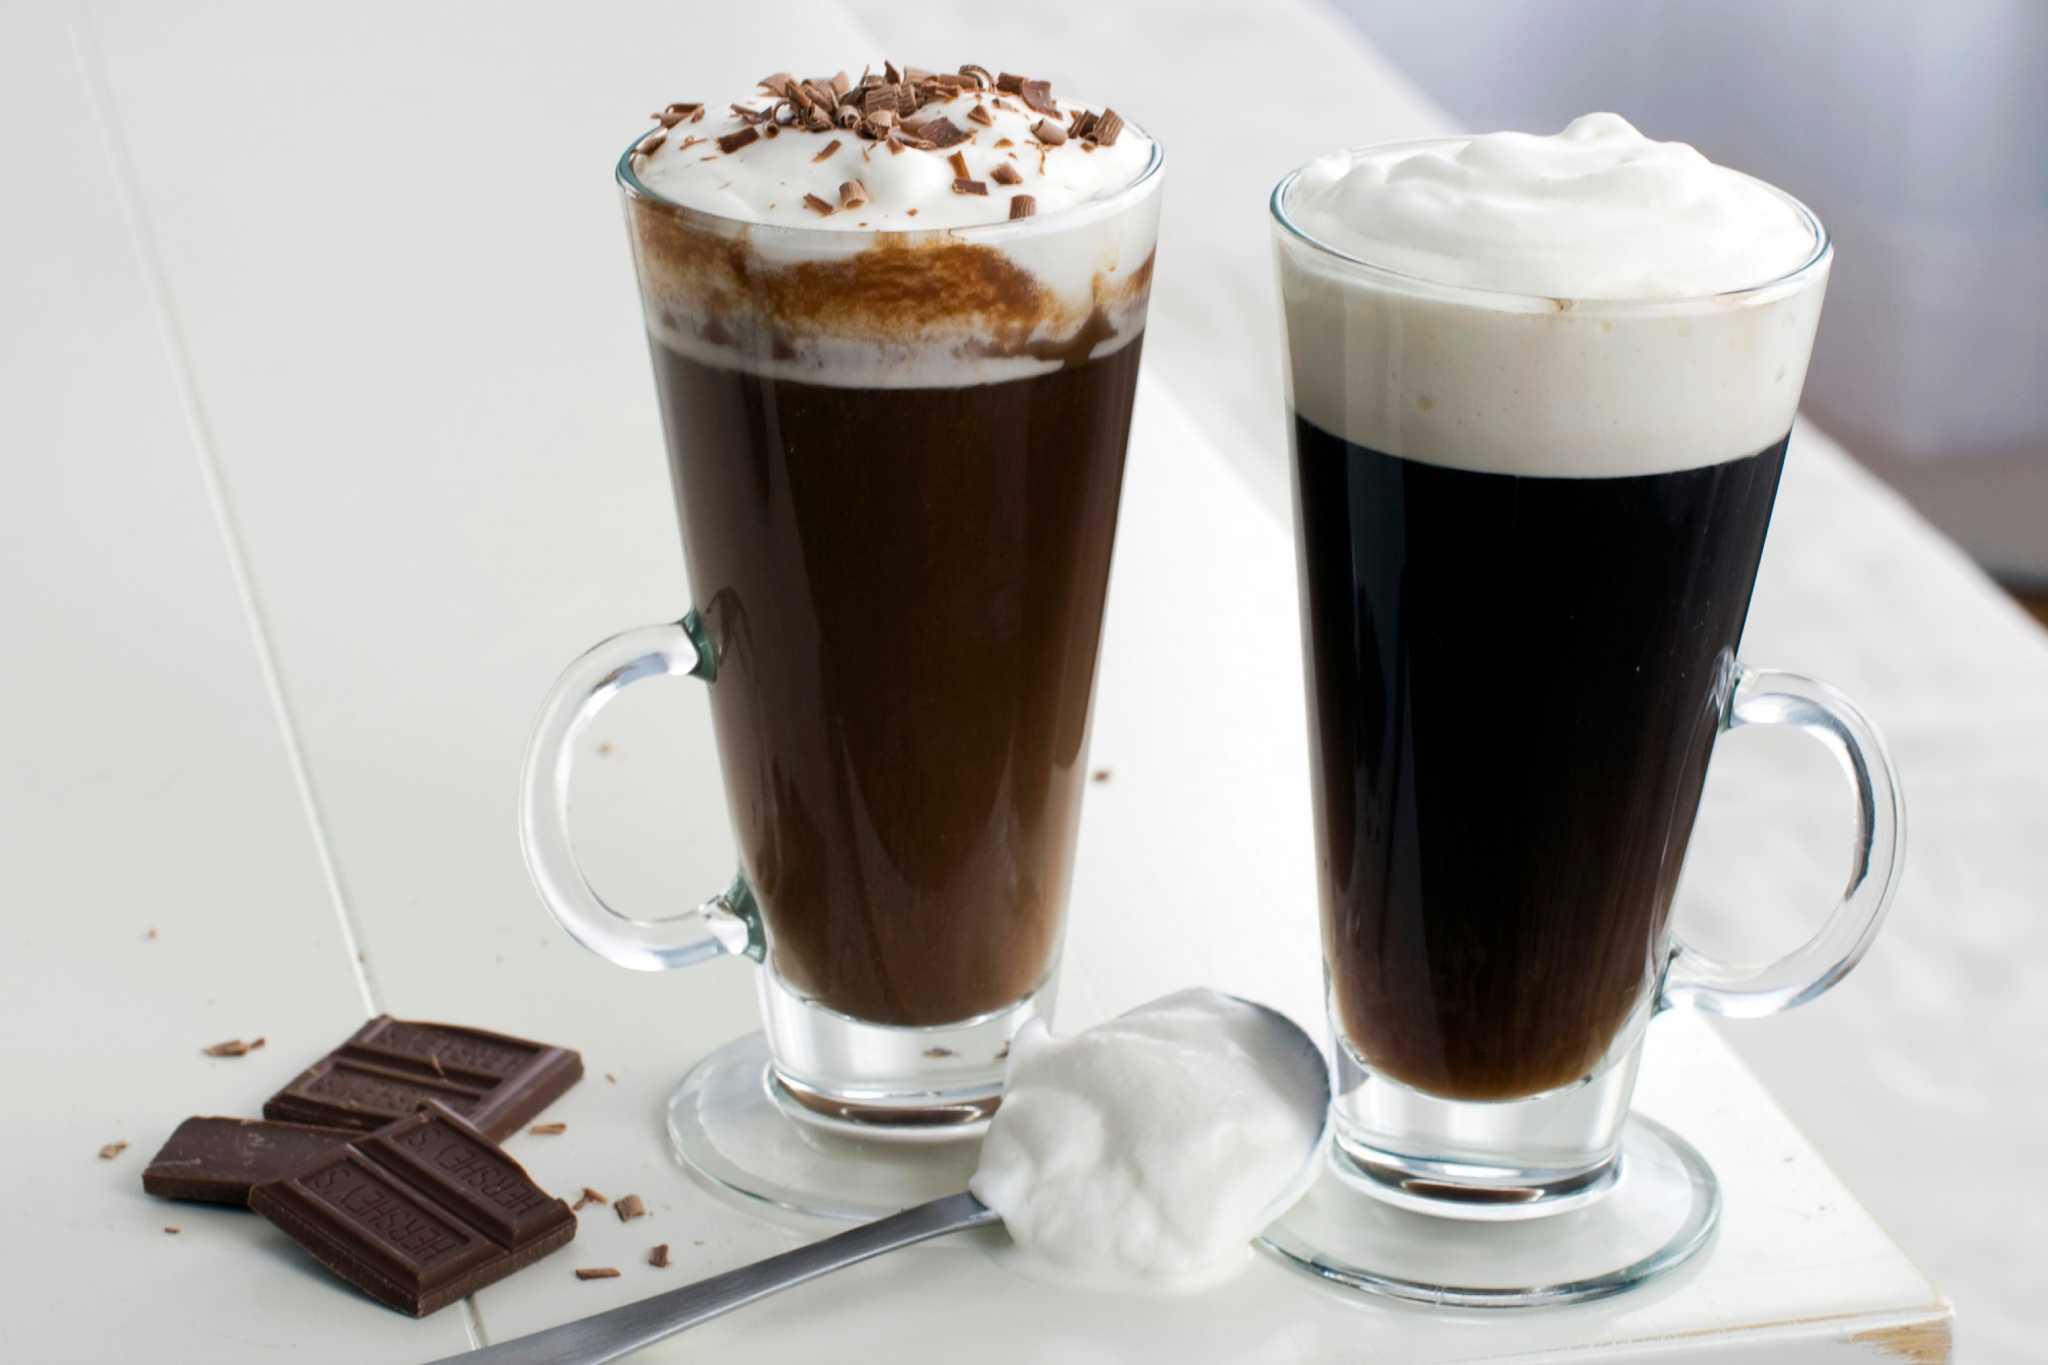 Рецепты приготовления ирландского кофе в домашних условиях, состав и правильная подача